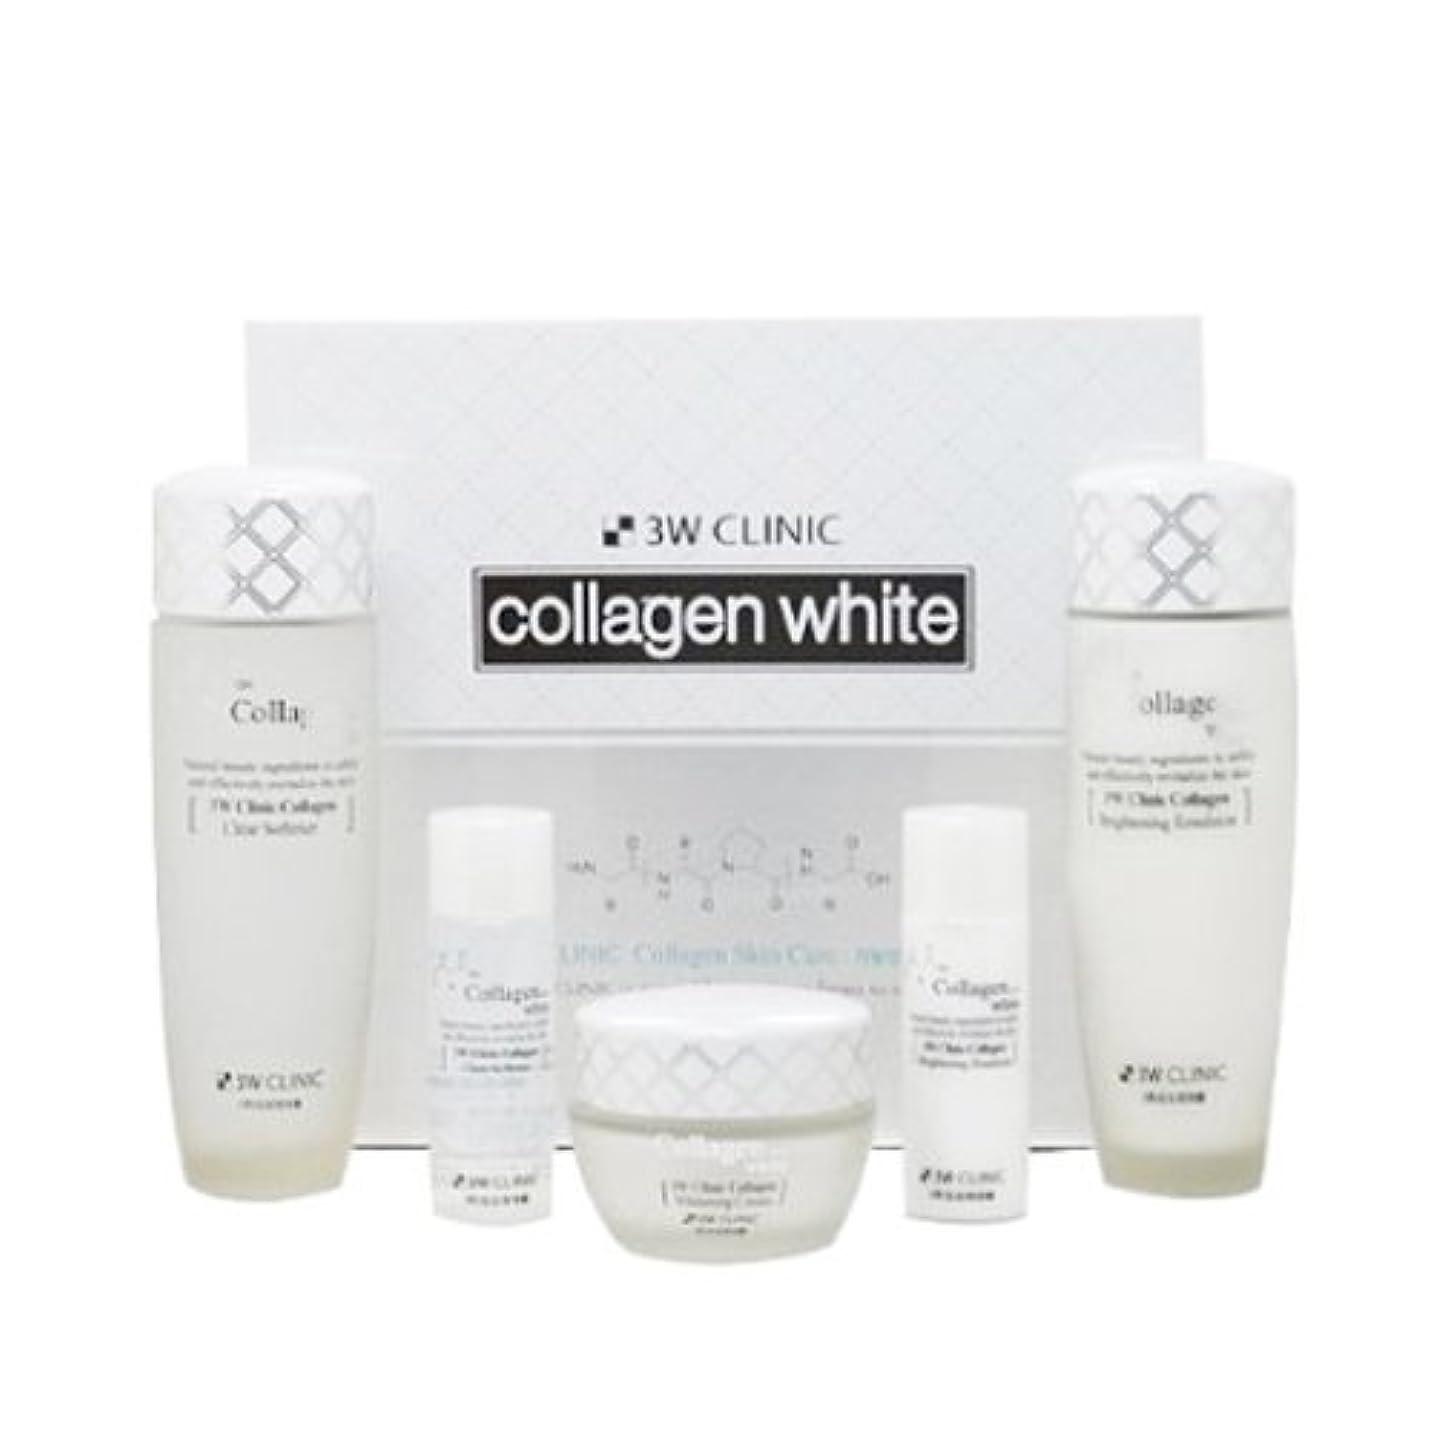 カウントワット管理者3Wクリニック[韓国コスメ3w Clinic]Collagen White Skin Care コラーゲンホワイトスキンケア3セット樹液,乳液,クリーム [並行輸入品]